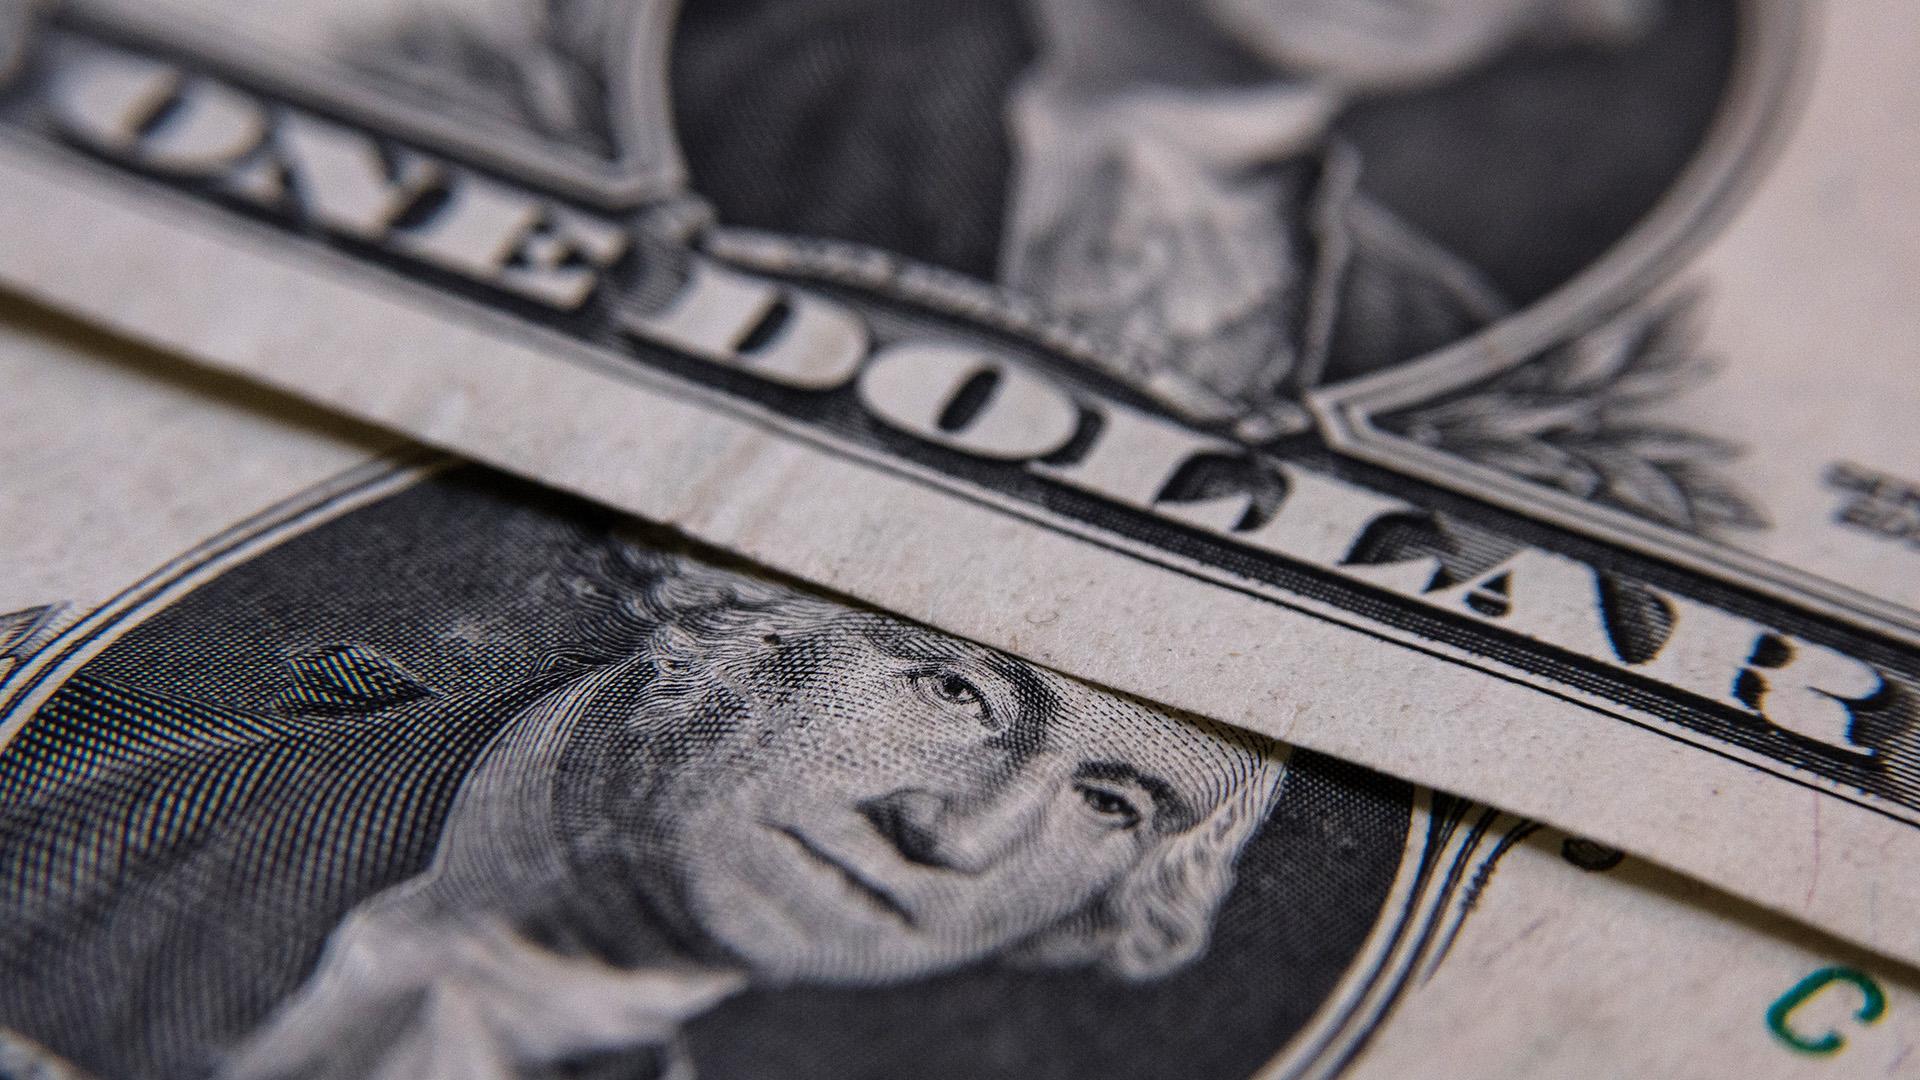 El dólar bate nuevos récords de precios tras el acuerdo con el FMI.